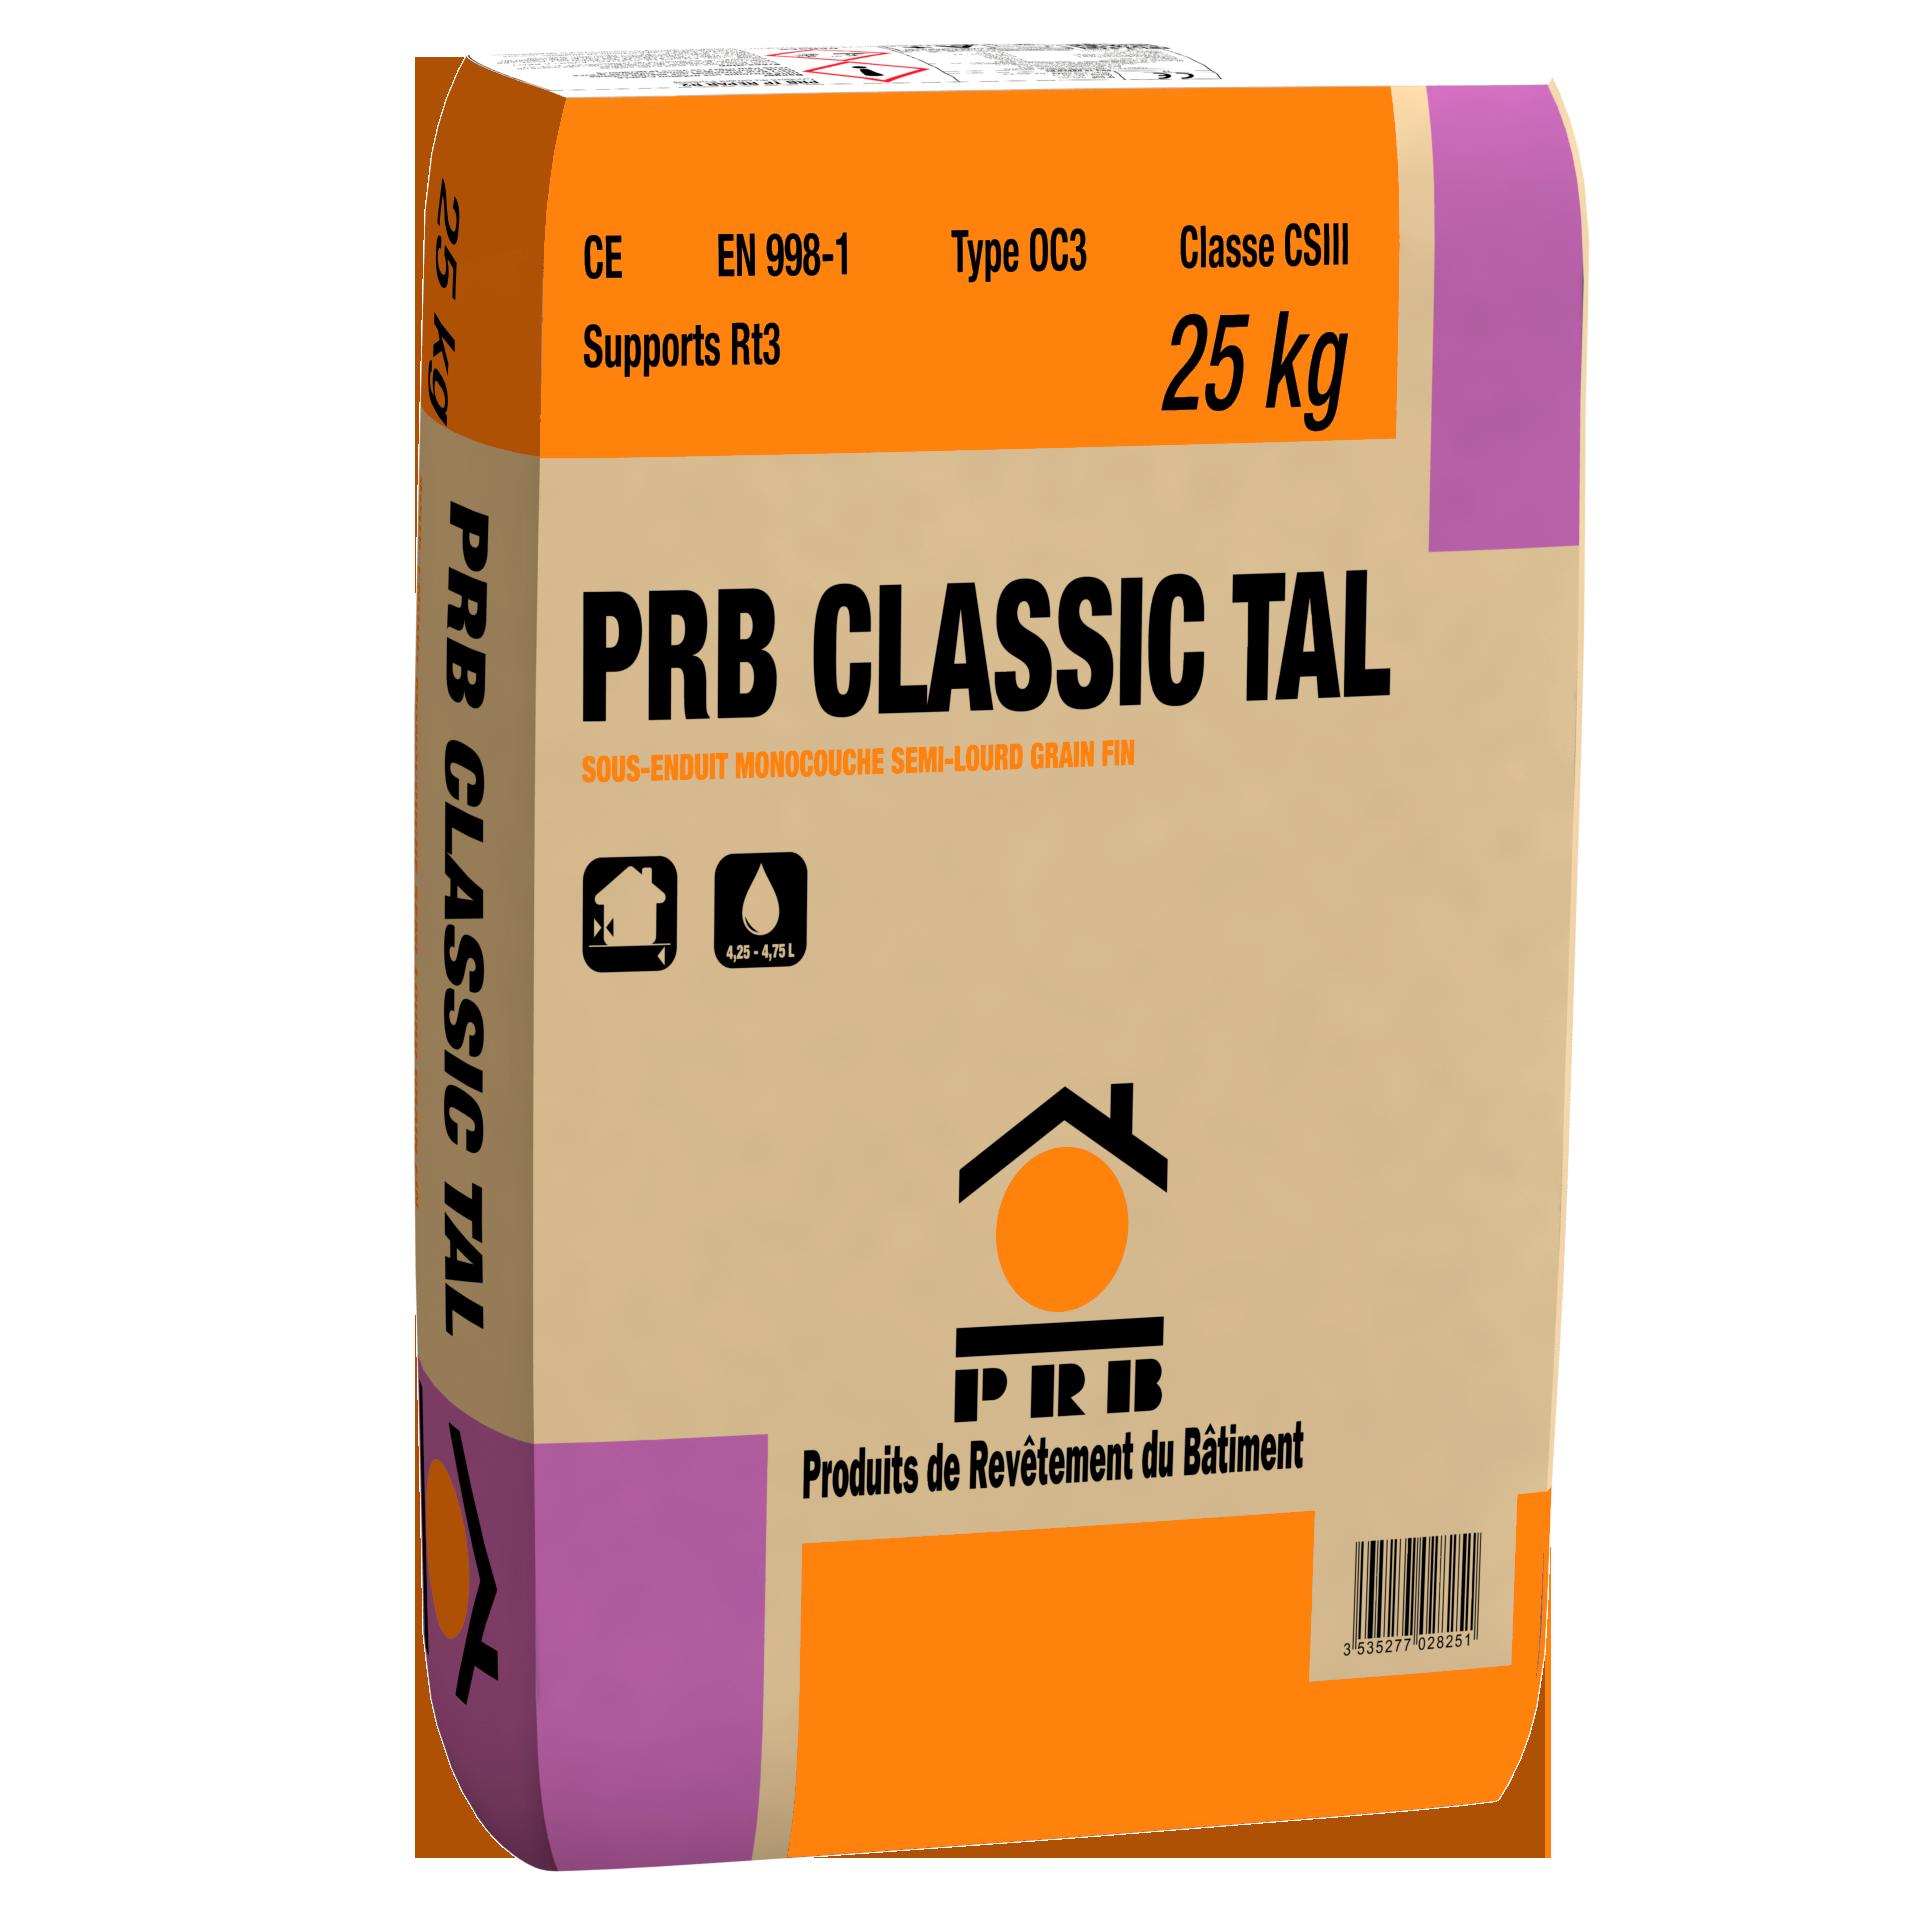 PRB CLASSIC TAL 25 KG